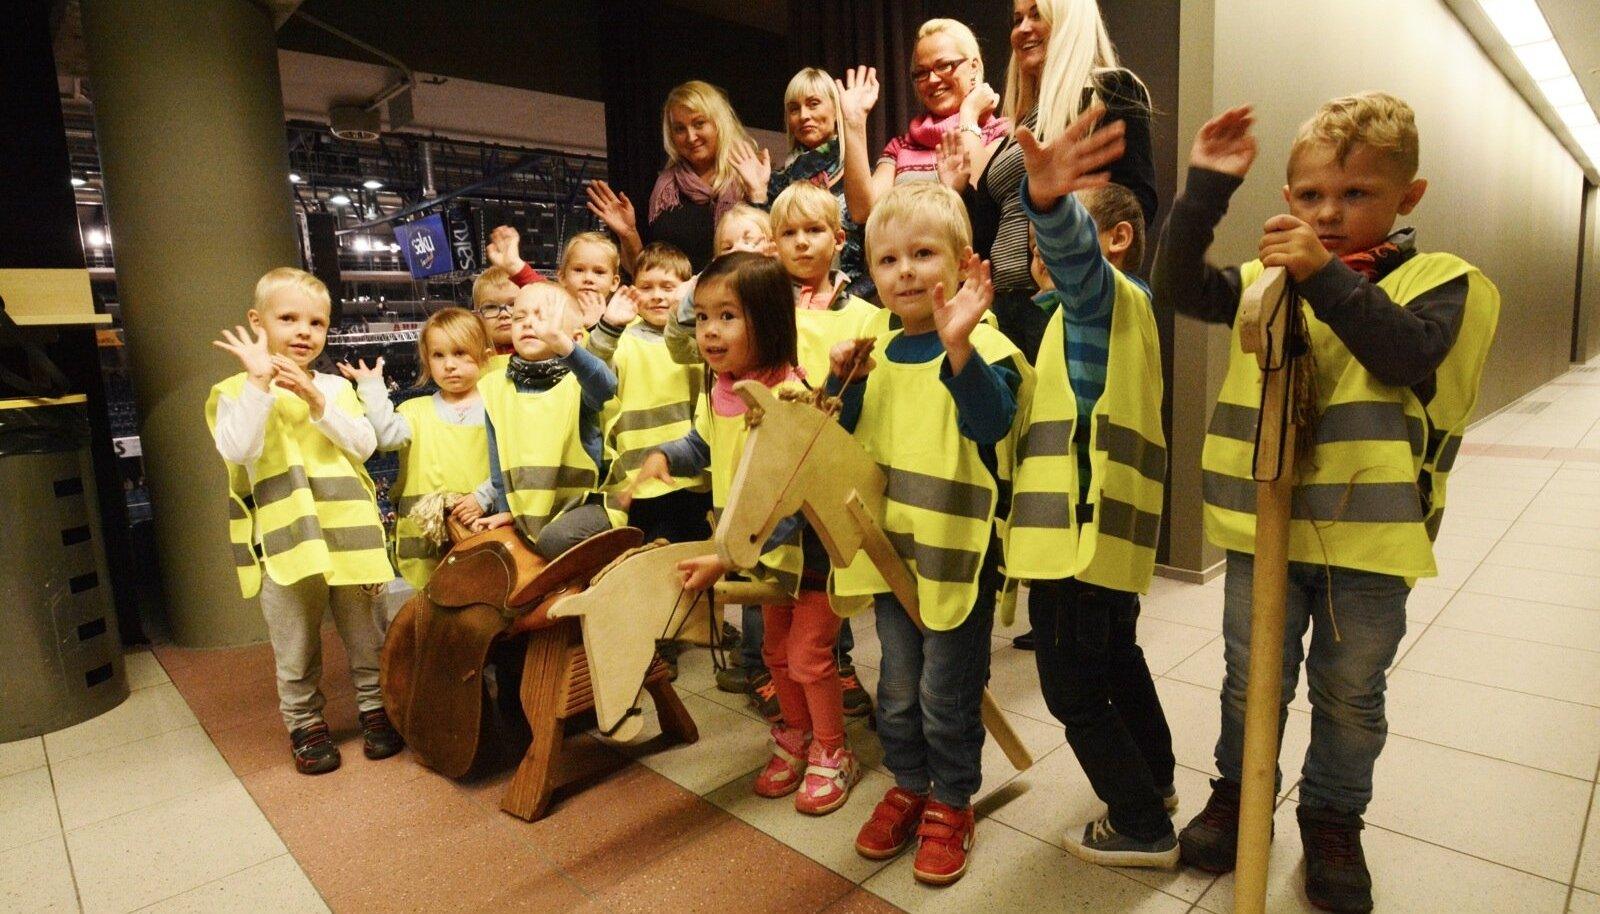 Rae valla Aruheina lasteaia Lustakate Liblikate rühma lapsed ja õpetajad käisid hobusõul ratsutamist lähemalt uurimas. Käik Saku Suurhalli oli auhinnaks Maalehe esikaanekonkursil vahva pildiga osalemise eest.